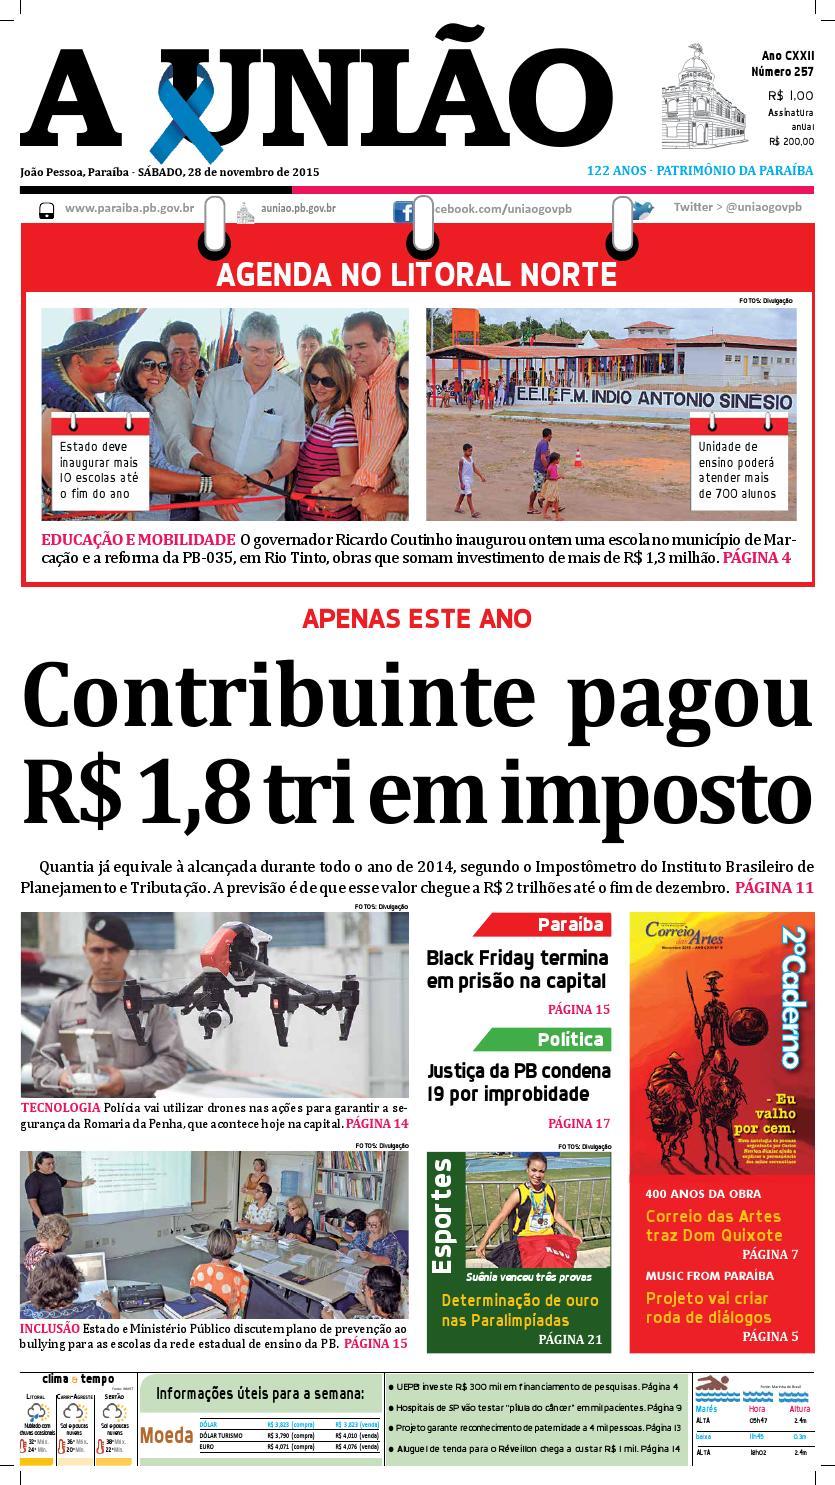 Jornal A União - 28 11 2015 by Jornal A União - issuu 1b0dba0f500af